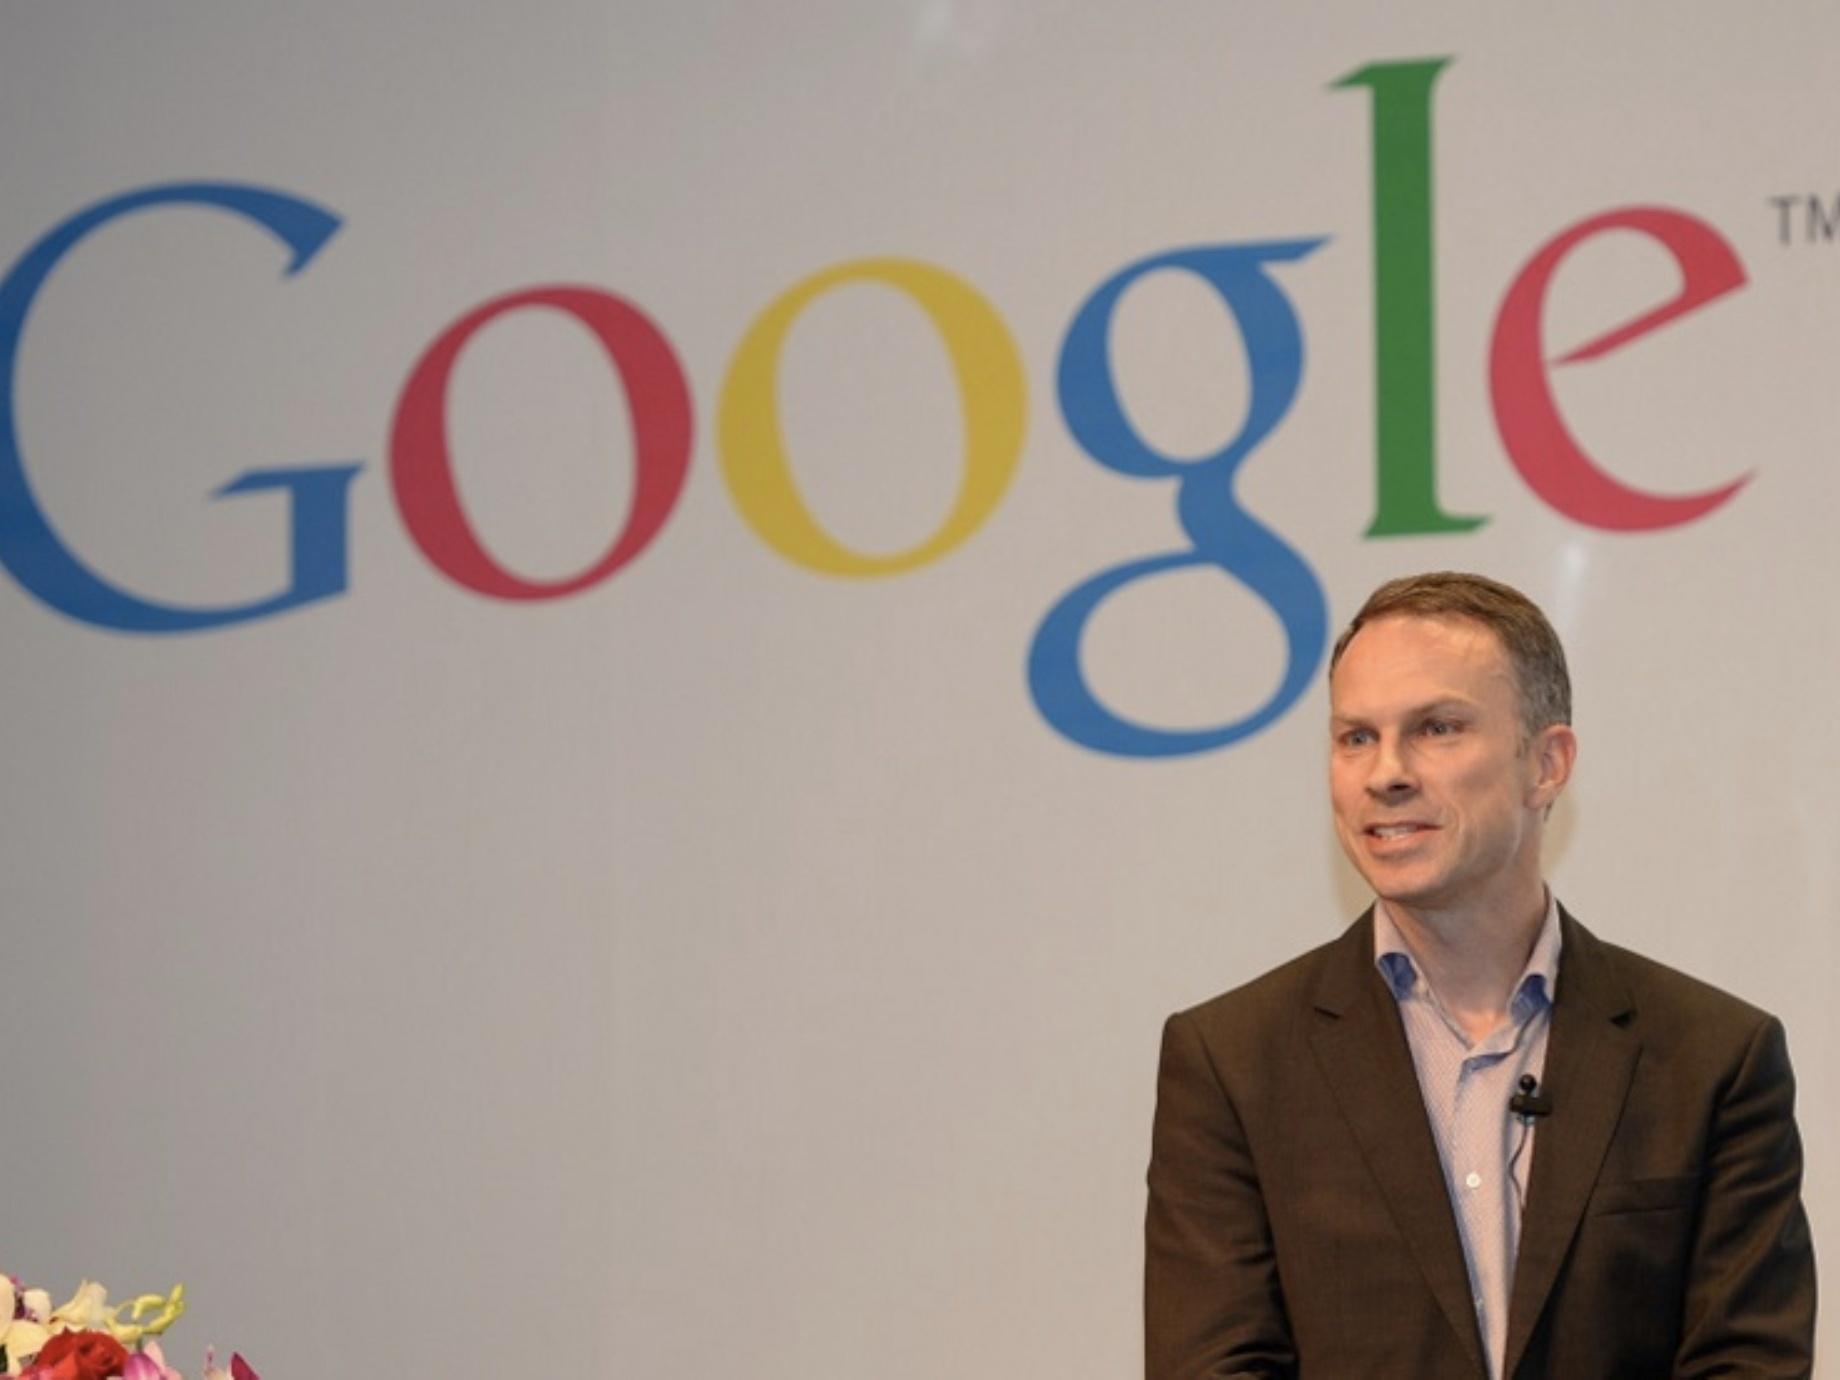 石博盟(Google大中華區總裁):讓AI成為每人觸手可及的工具